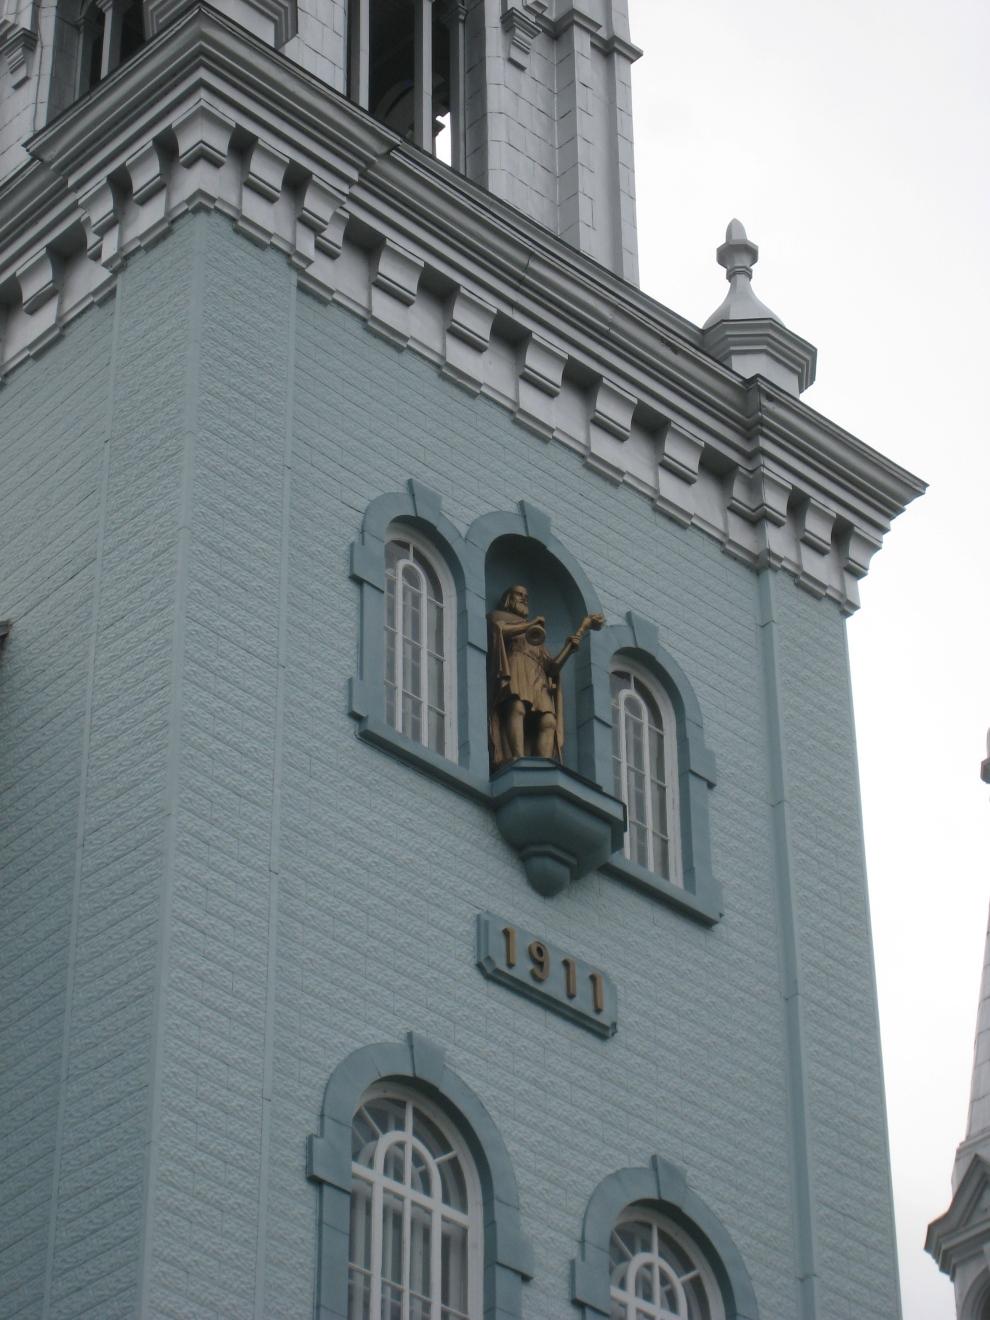 st gedeon church